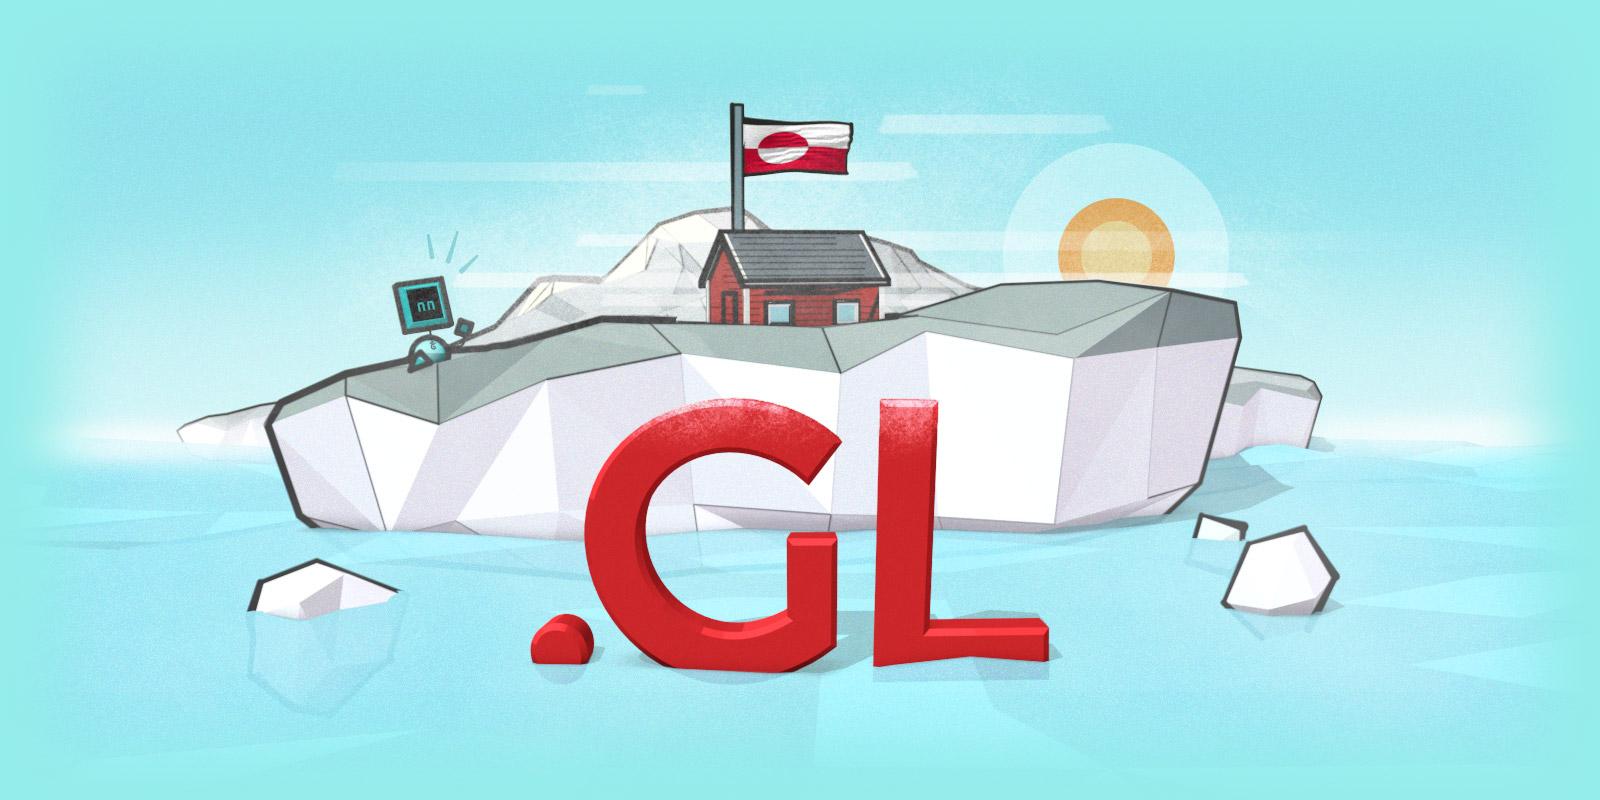 现在开始非使用 Gandi 企业户服务的客户也可以注册 .GL 域名